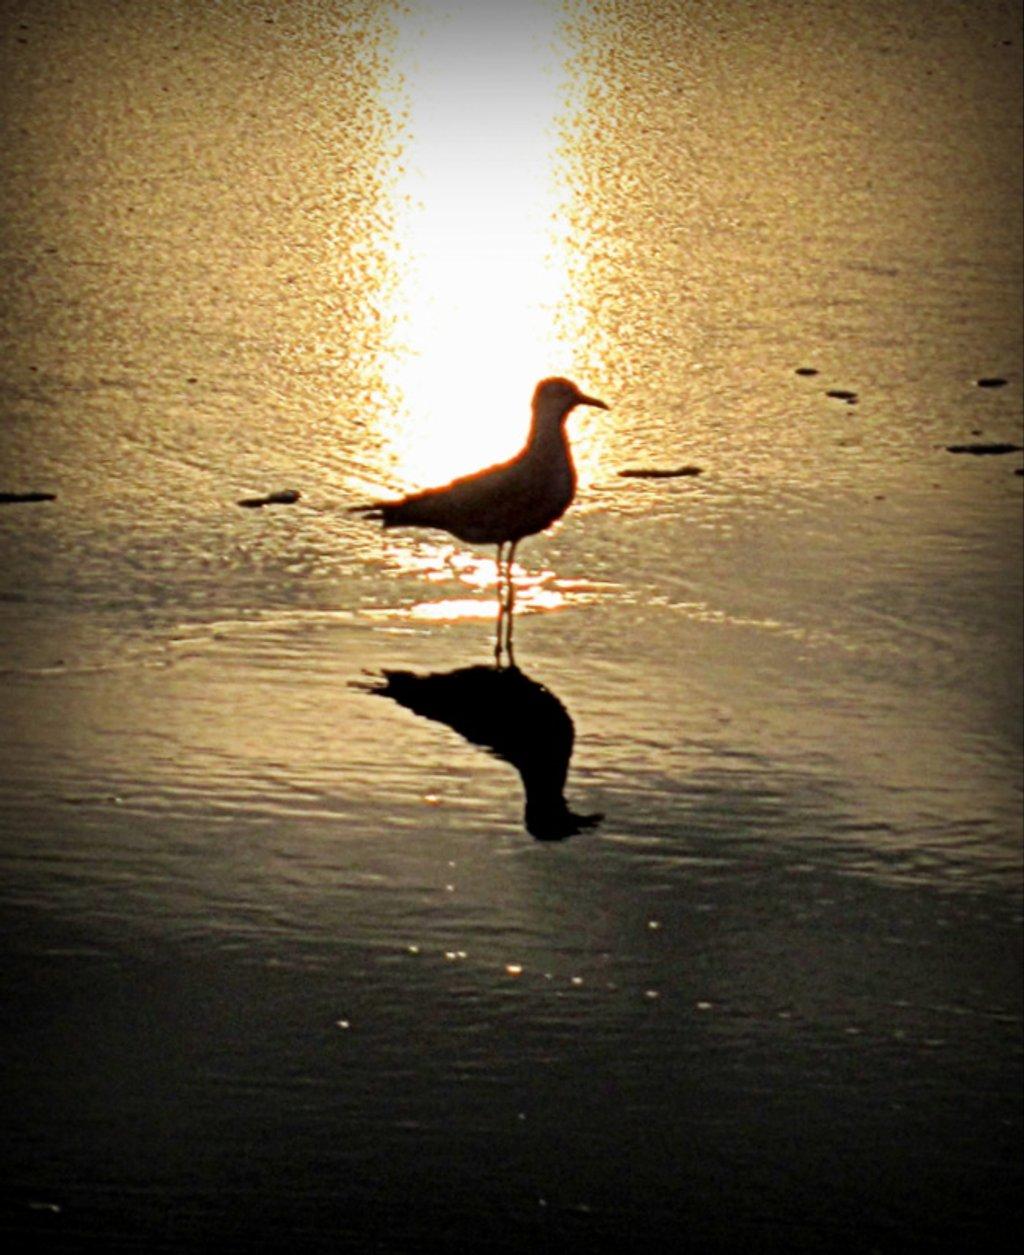 Early bird---:) by joemuli